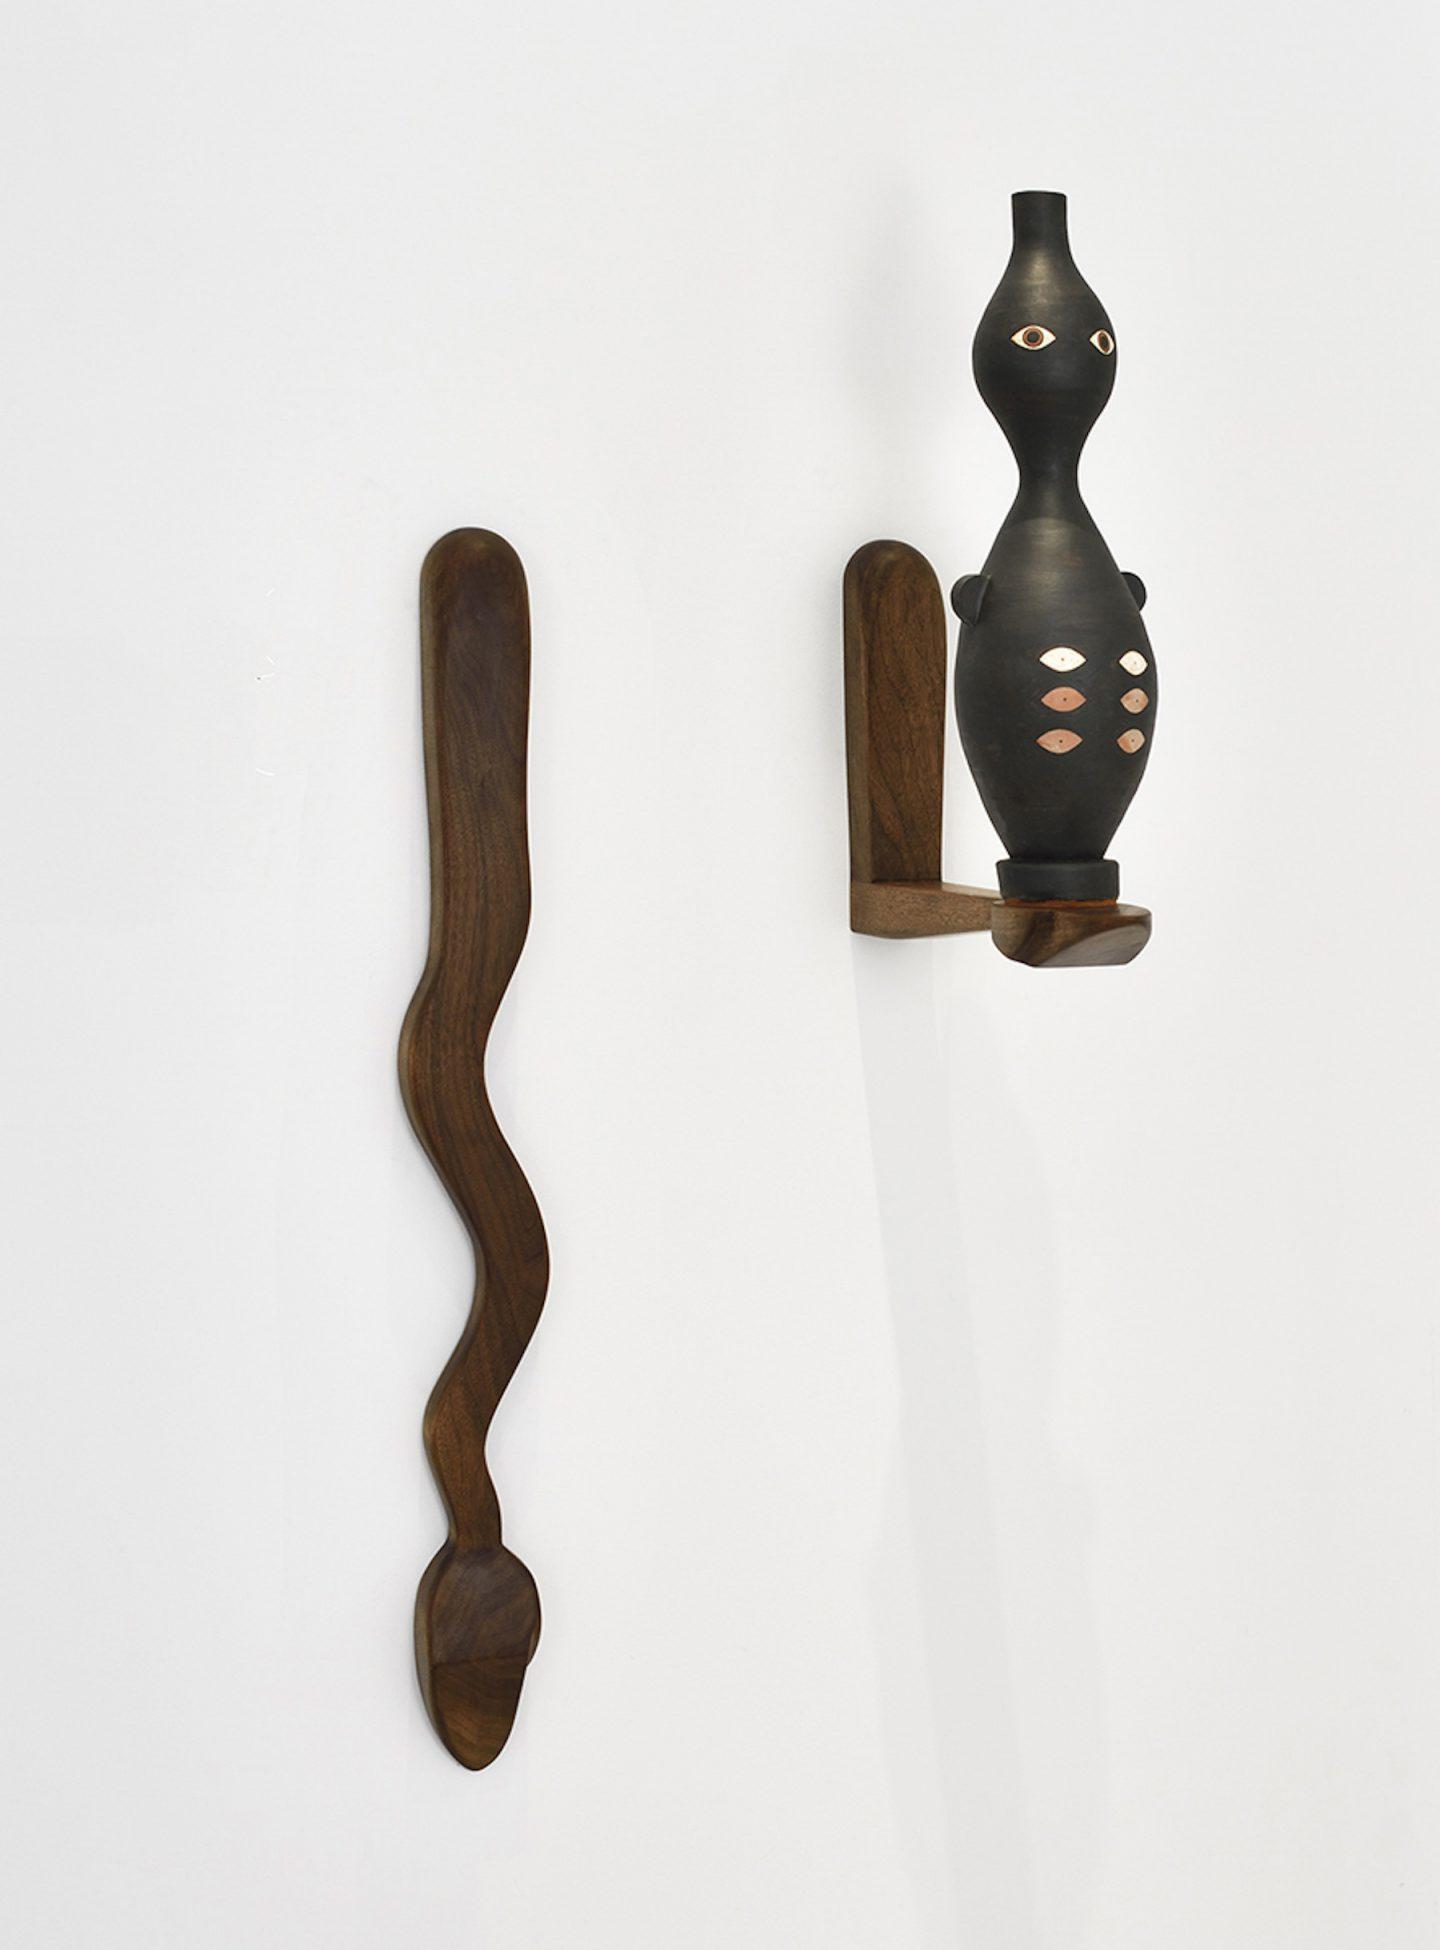 iGNANT-Art-Cammie-Staros-Sculpture-07